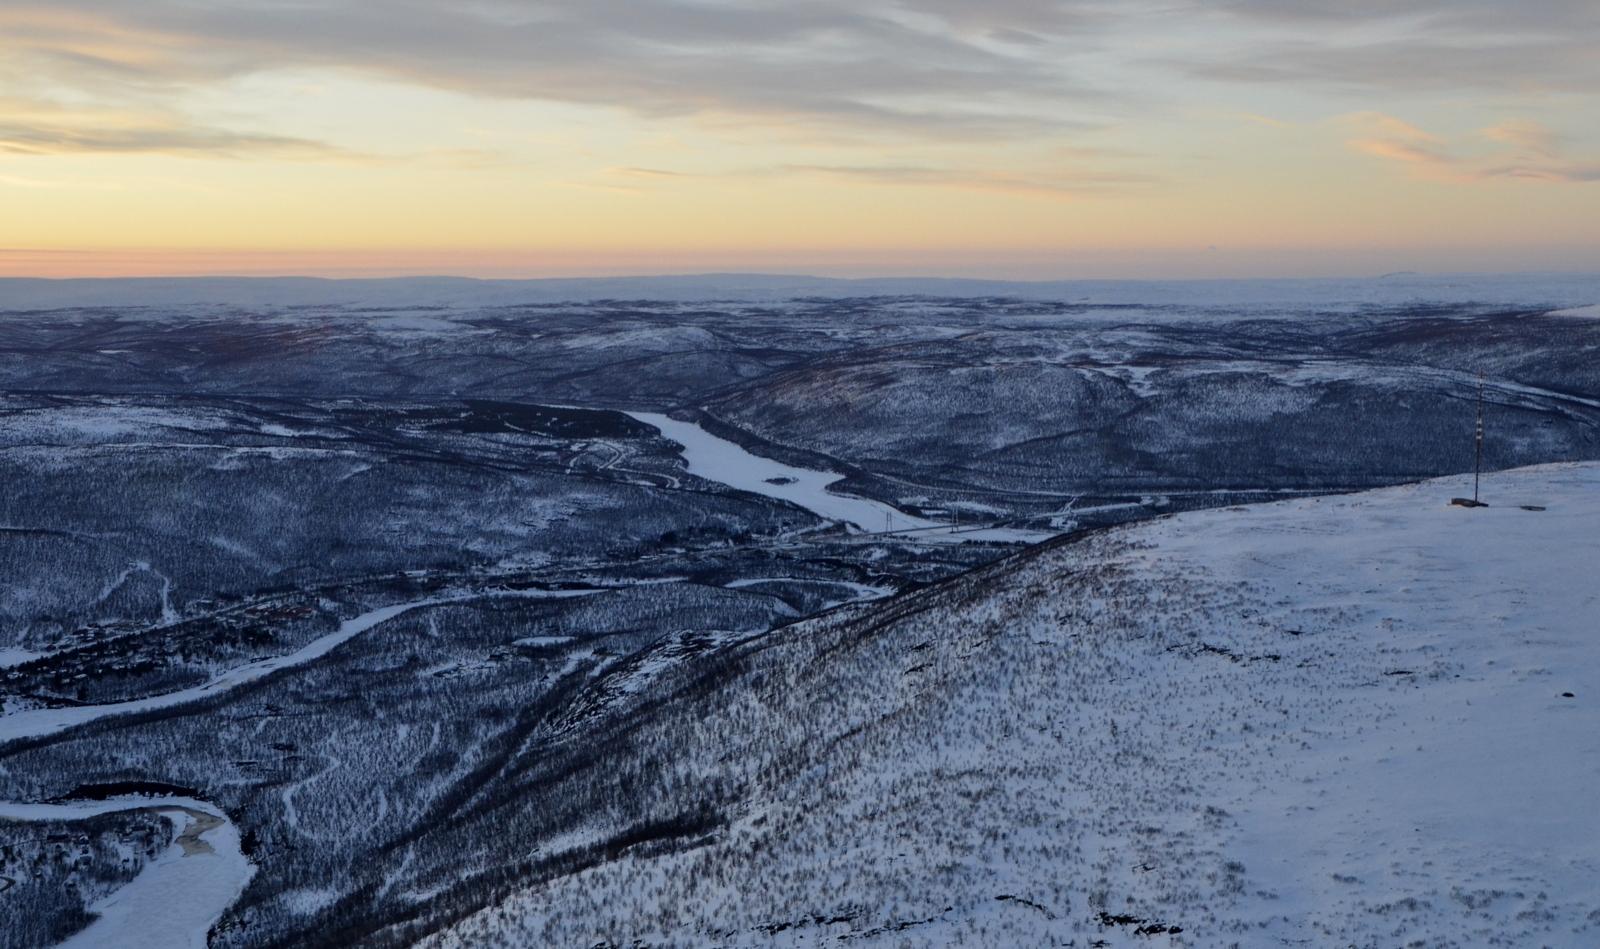 Utsjoen taajama ja Ailigastunturi oikealla. Tästä oikaisen vetsikkoon tunturin yli.